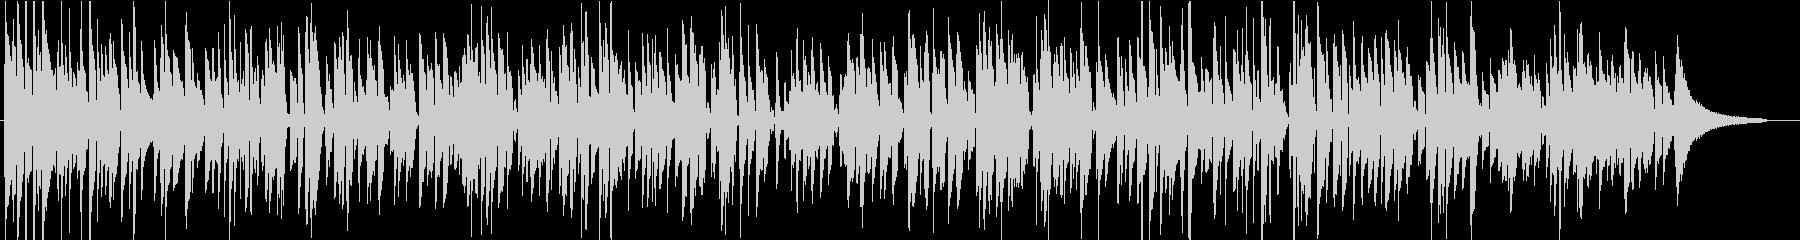 憂いを帯びたクラシックギターのボサノバ曲の未再生の波形